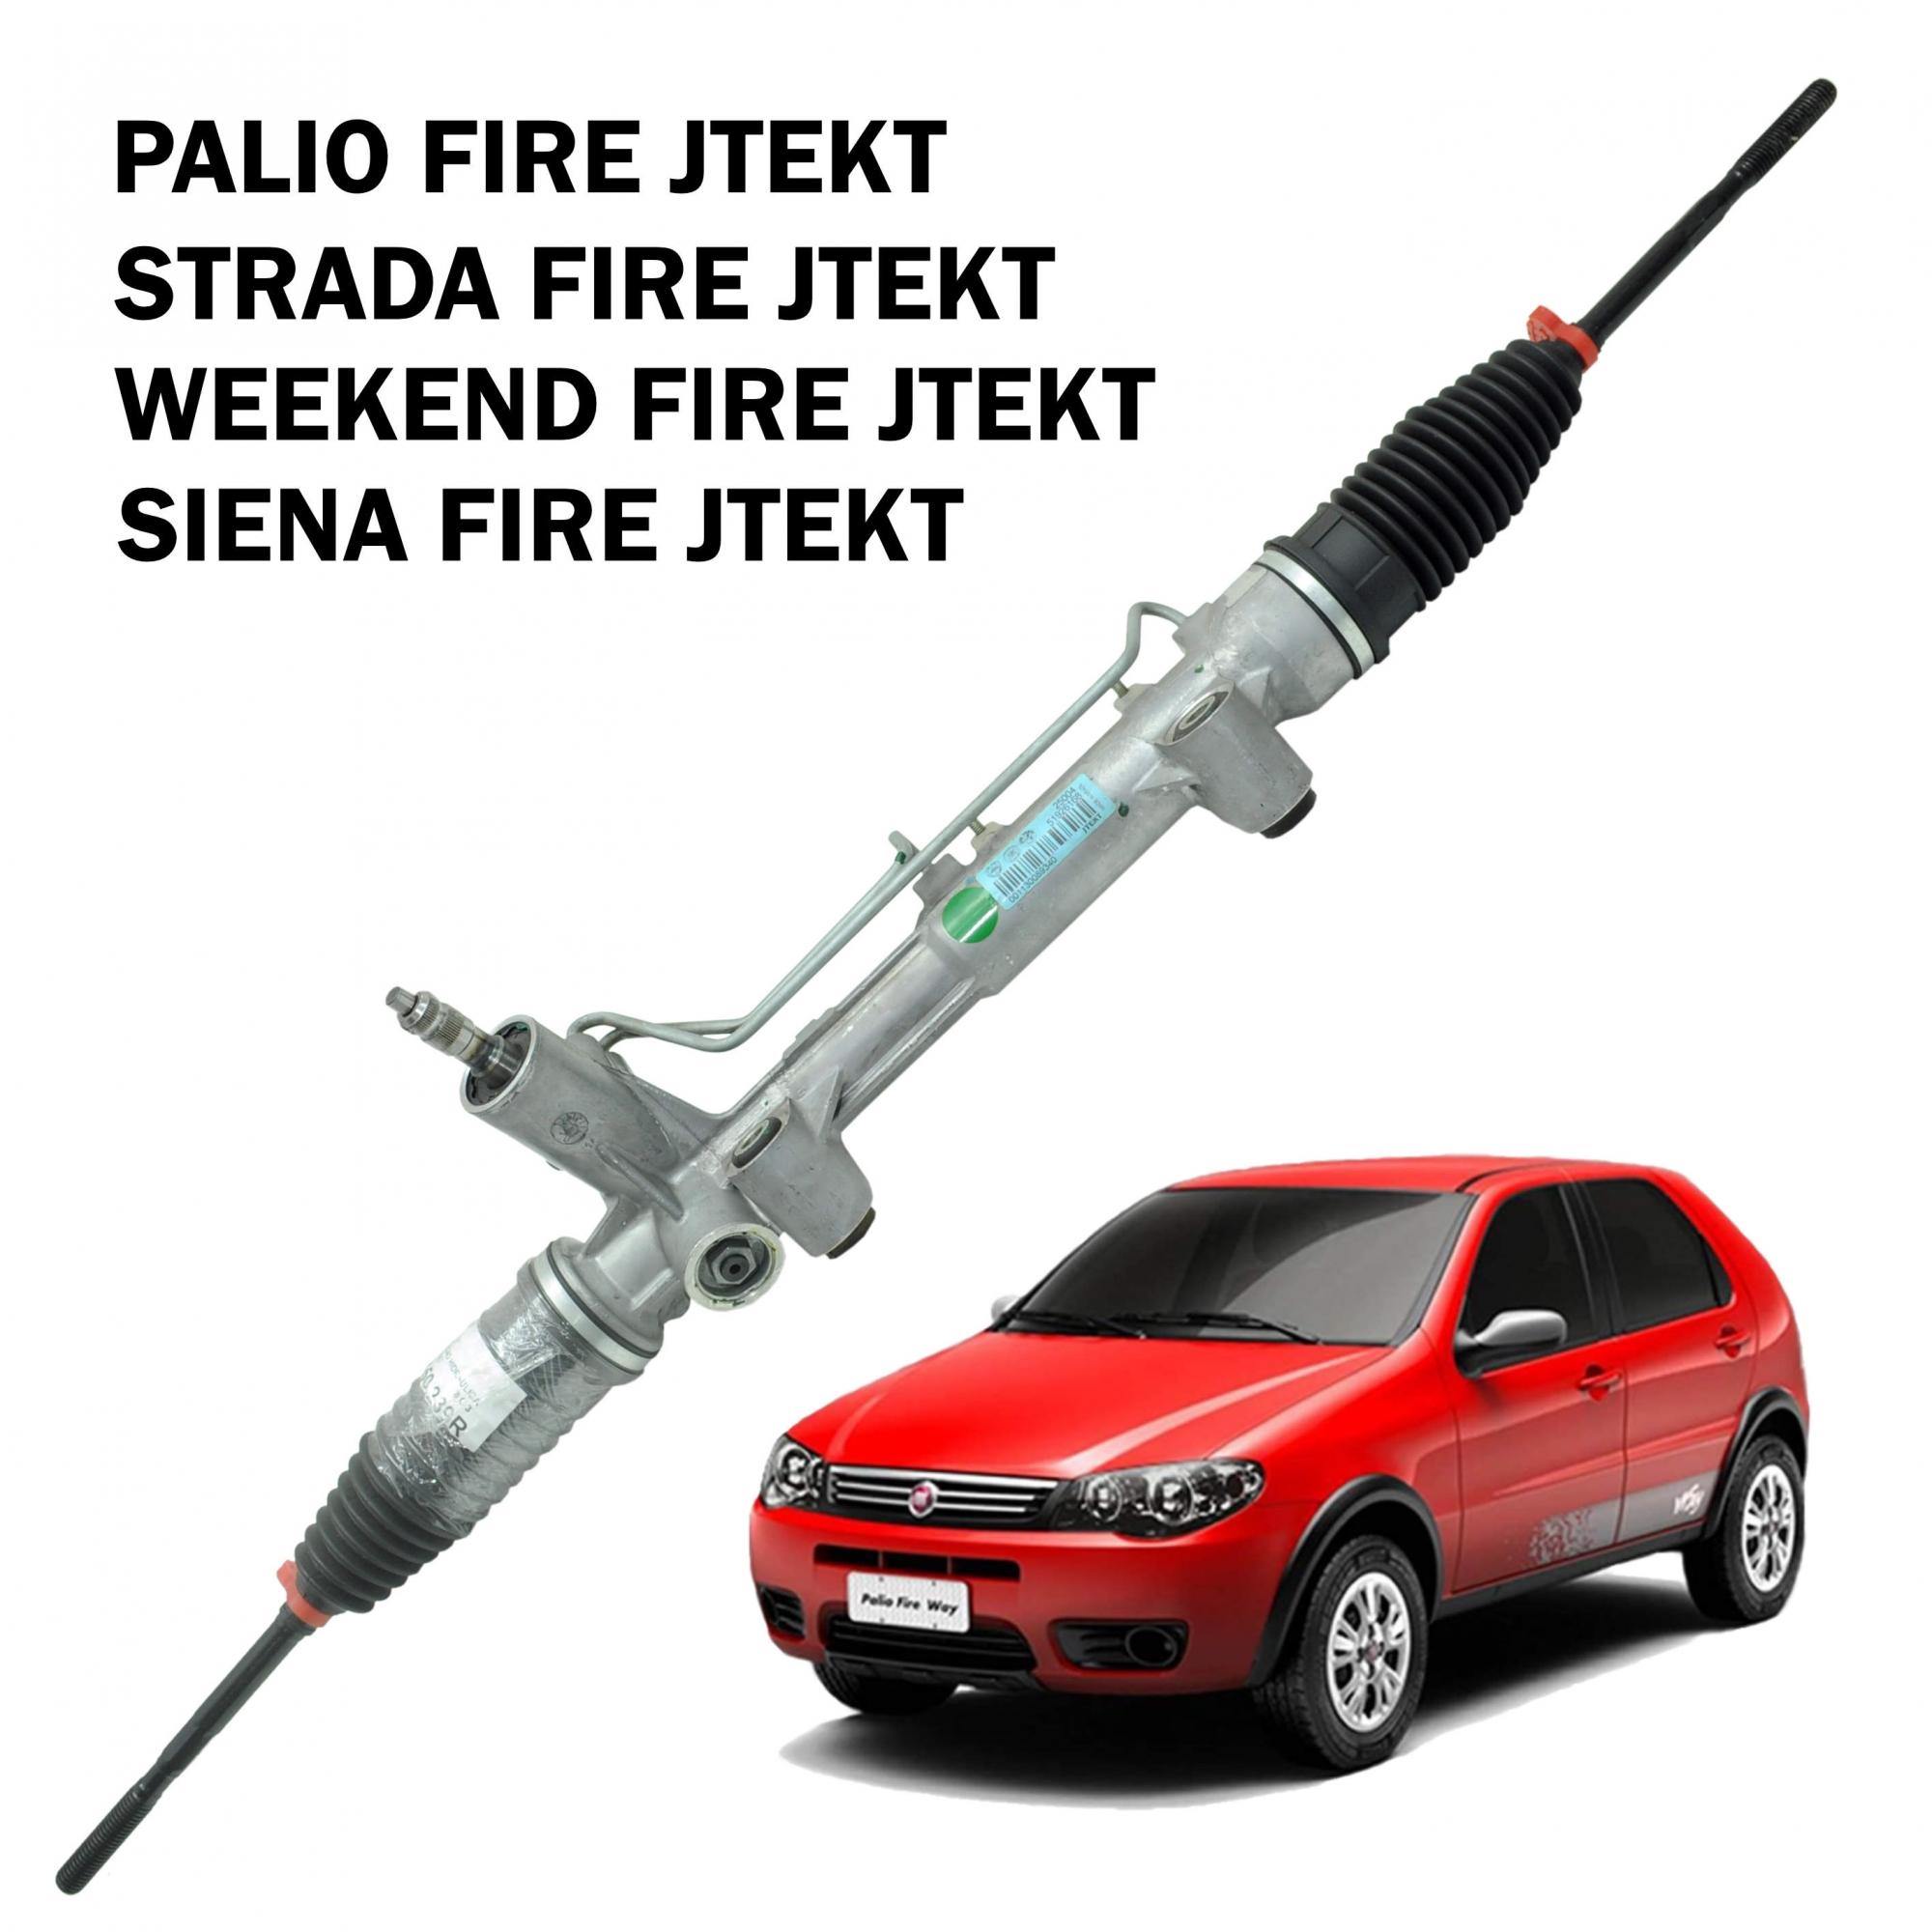 Caixa Direção Hidráulica JTEKT Palio Fire, Strada , Siena, Weekend 51891678